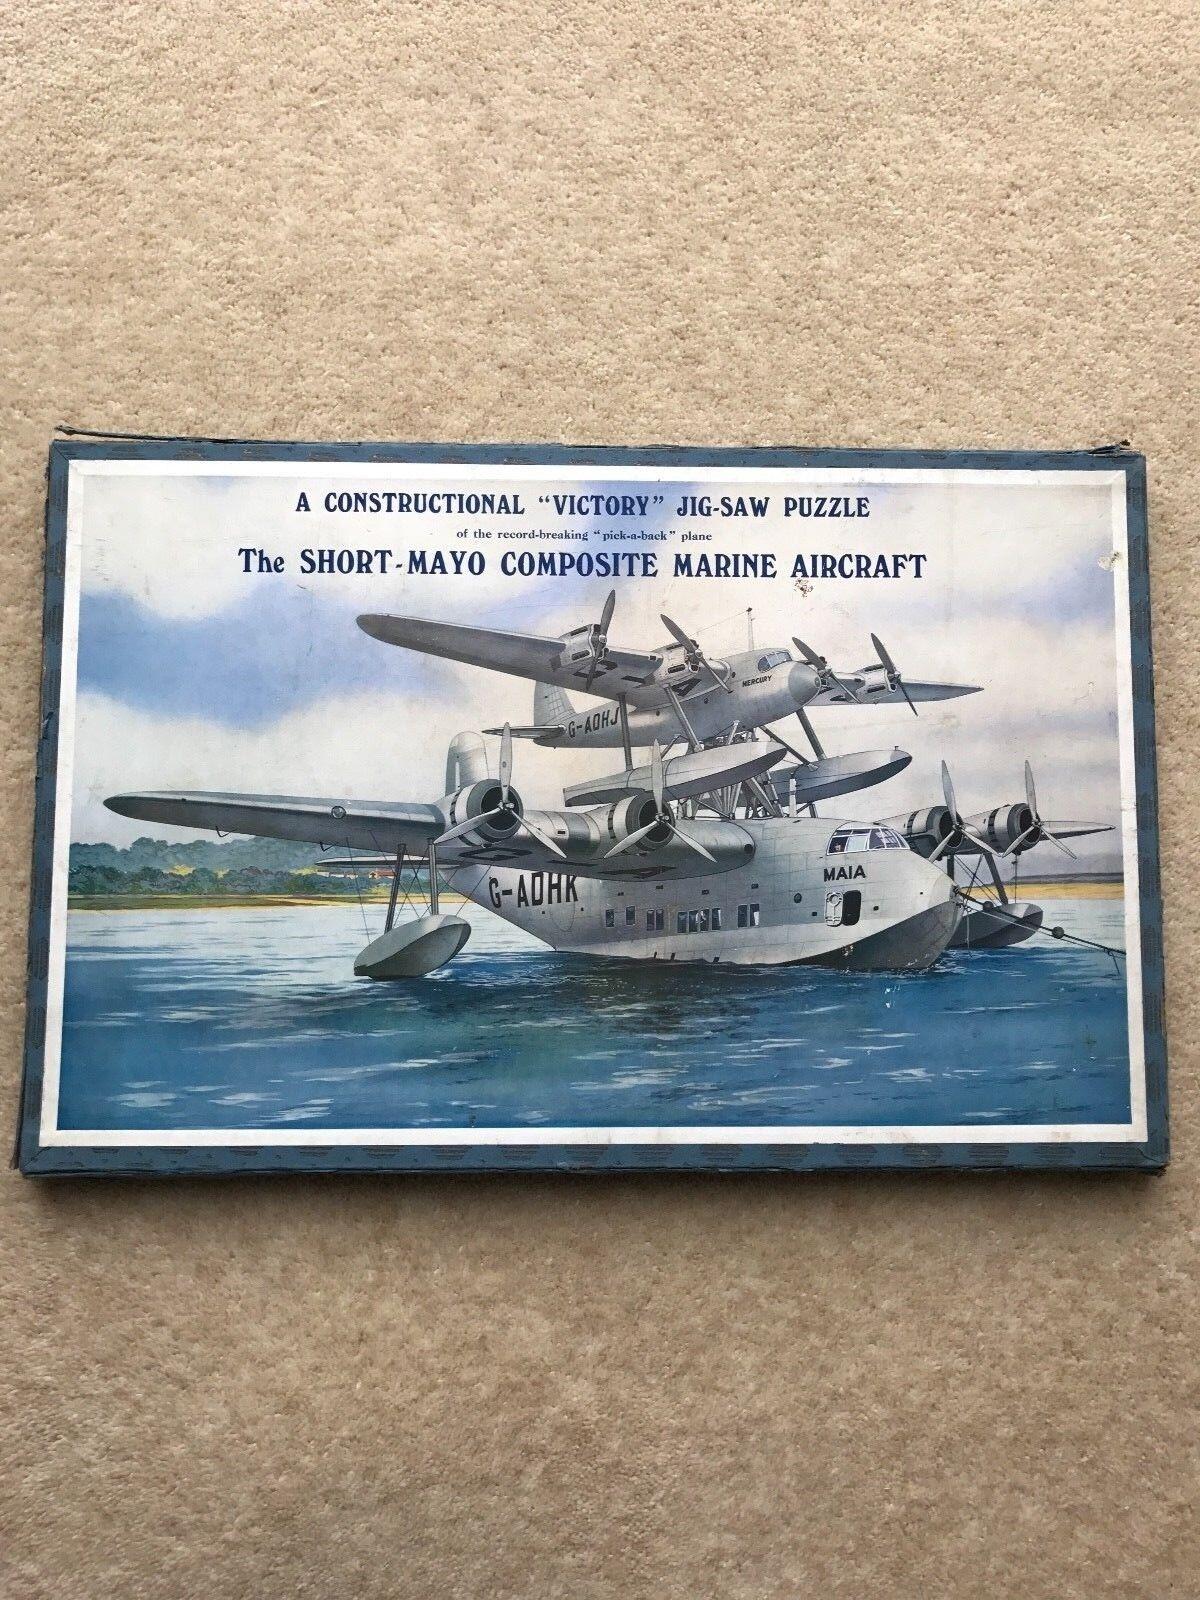 Rare 1930 S The SHORT MAYO COMPOSITE Marine Aircraft Victory 2 étages Jigsaw Puzzle | Vendant Bien Partout Dans Le Monde  | La Qualité  | Technologies De Pointe  | Formes élégantes